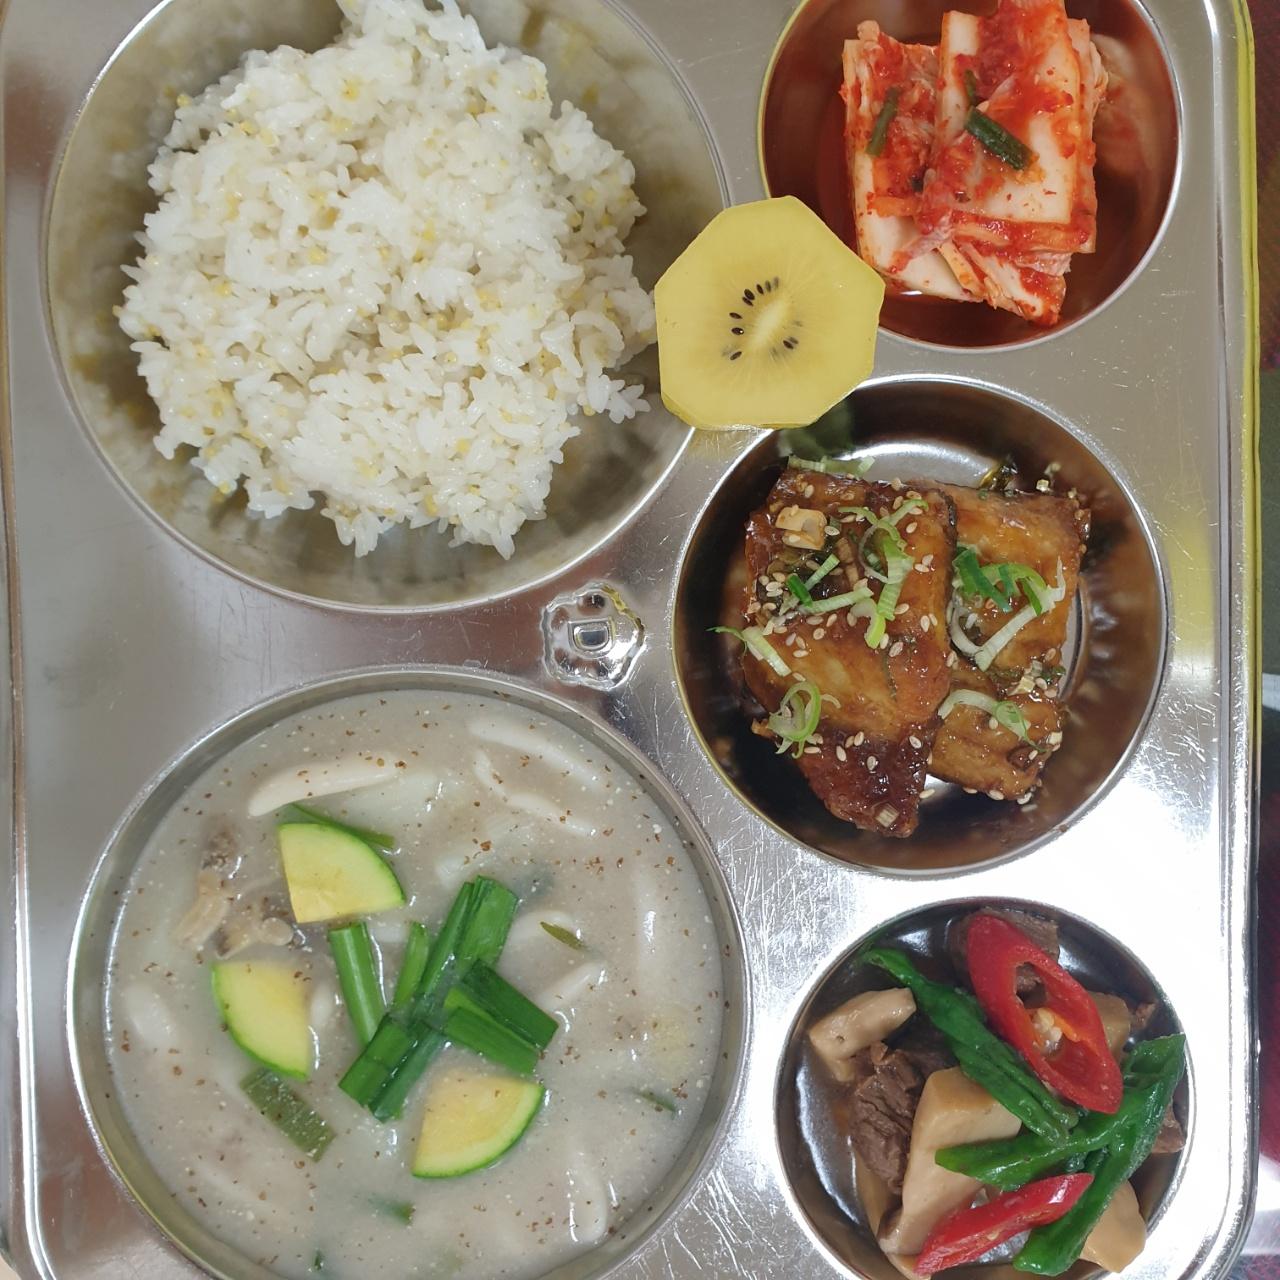 [일반] 7.5 급식사진의 첨부이미지 1